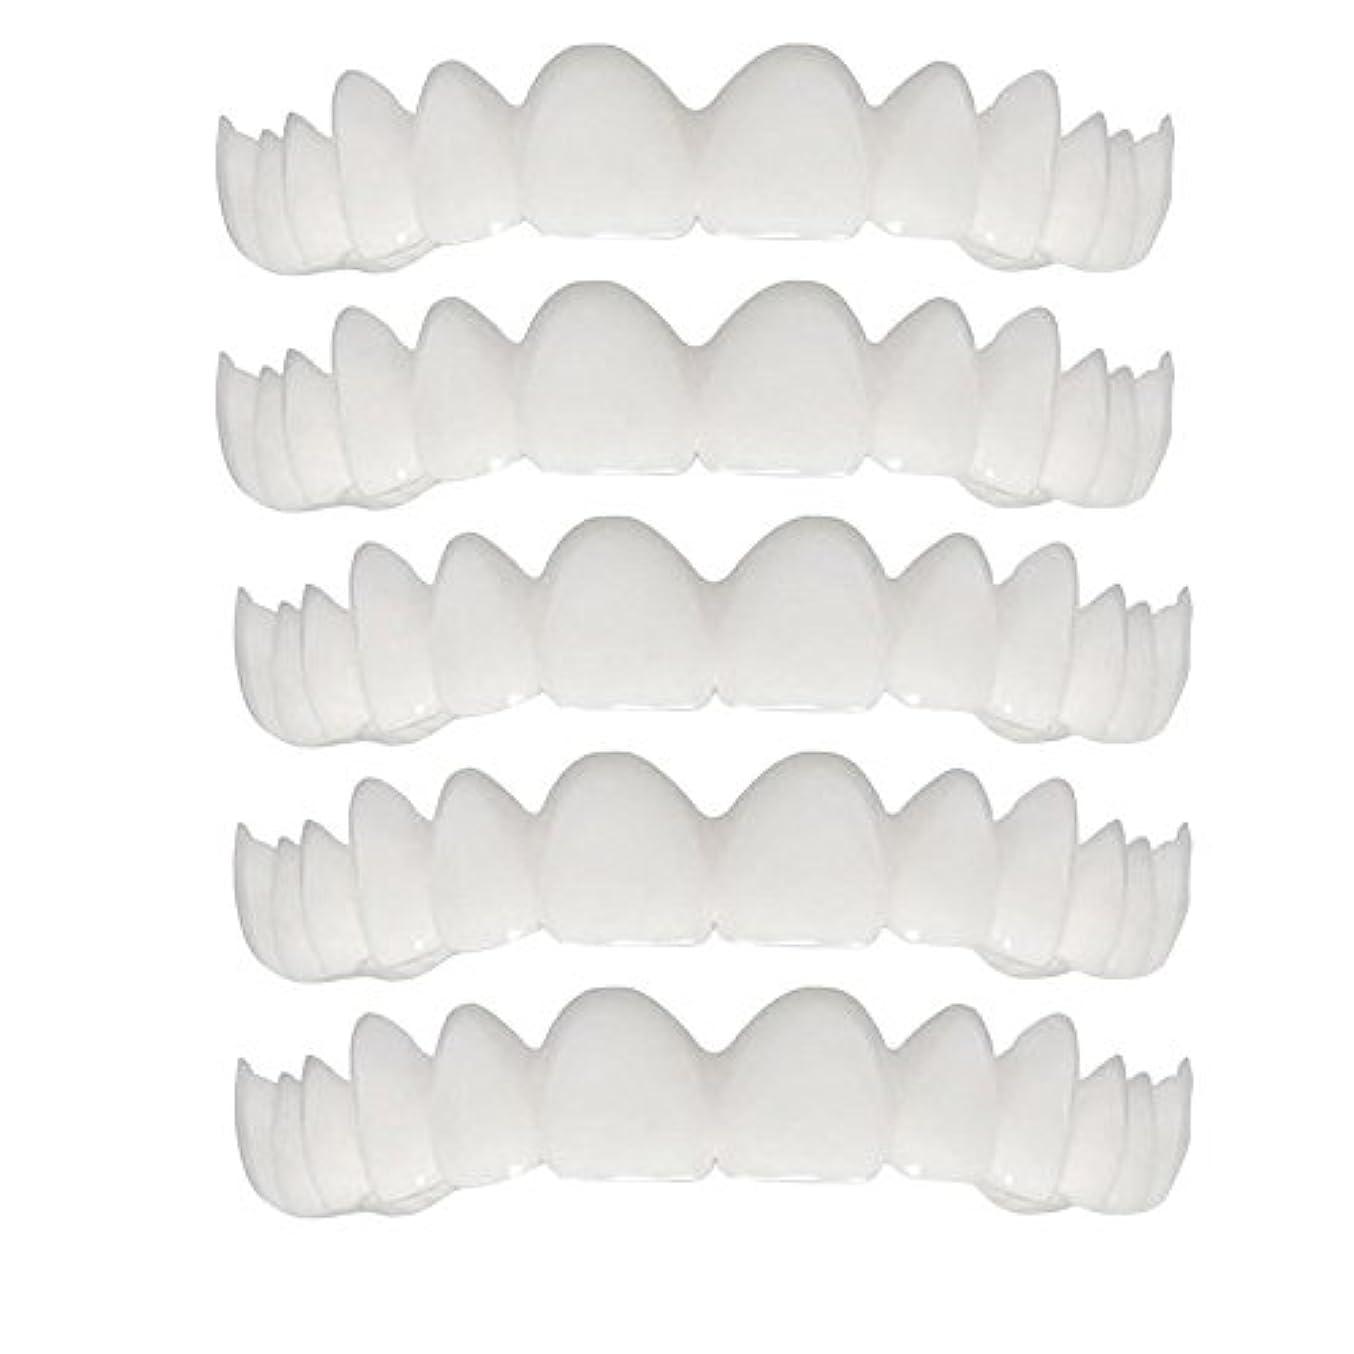 ハイライトヒゲクジラバンジージャンプNinstaw 5枚のベニヤの歯 歯の矯正 ホワイトニング マウスピース 化粧用の歯ステッカー 歯 歯のキャップ 入れ歯カバー 白 歯のブラケット